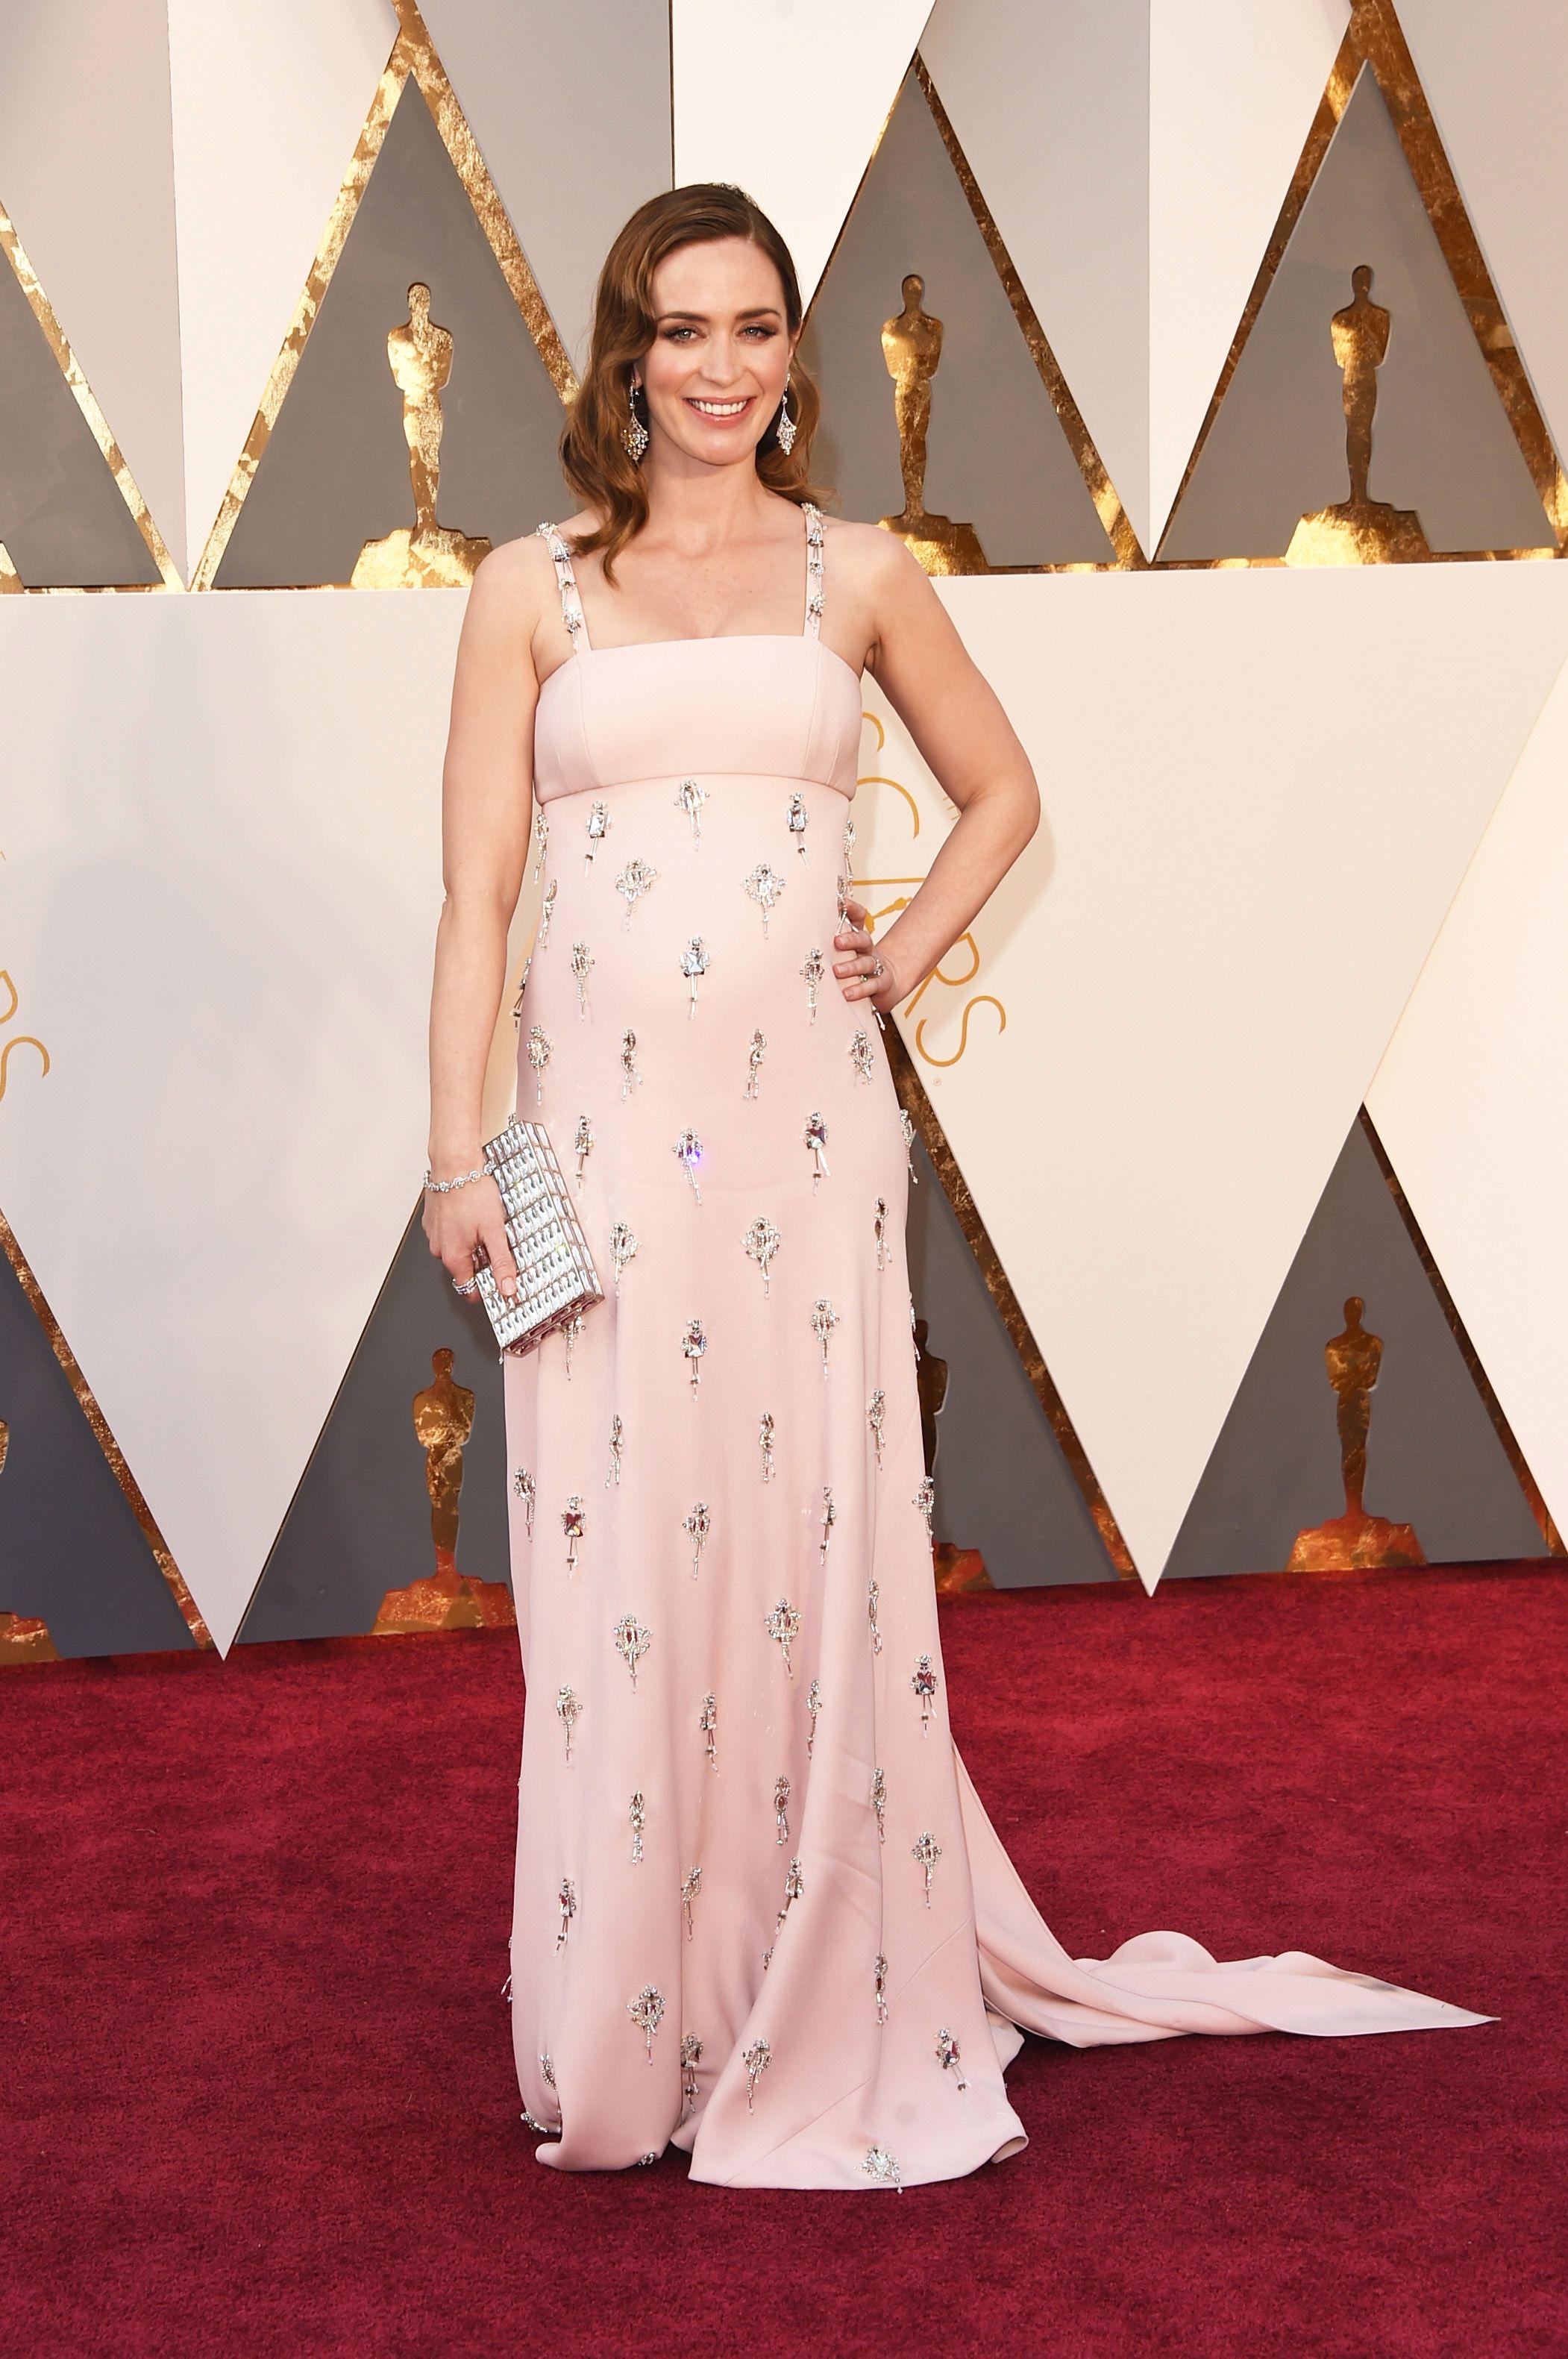 Oscars 2016 Red Carpet Arrivals